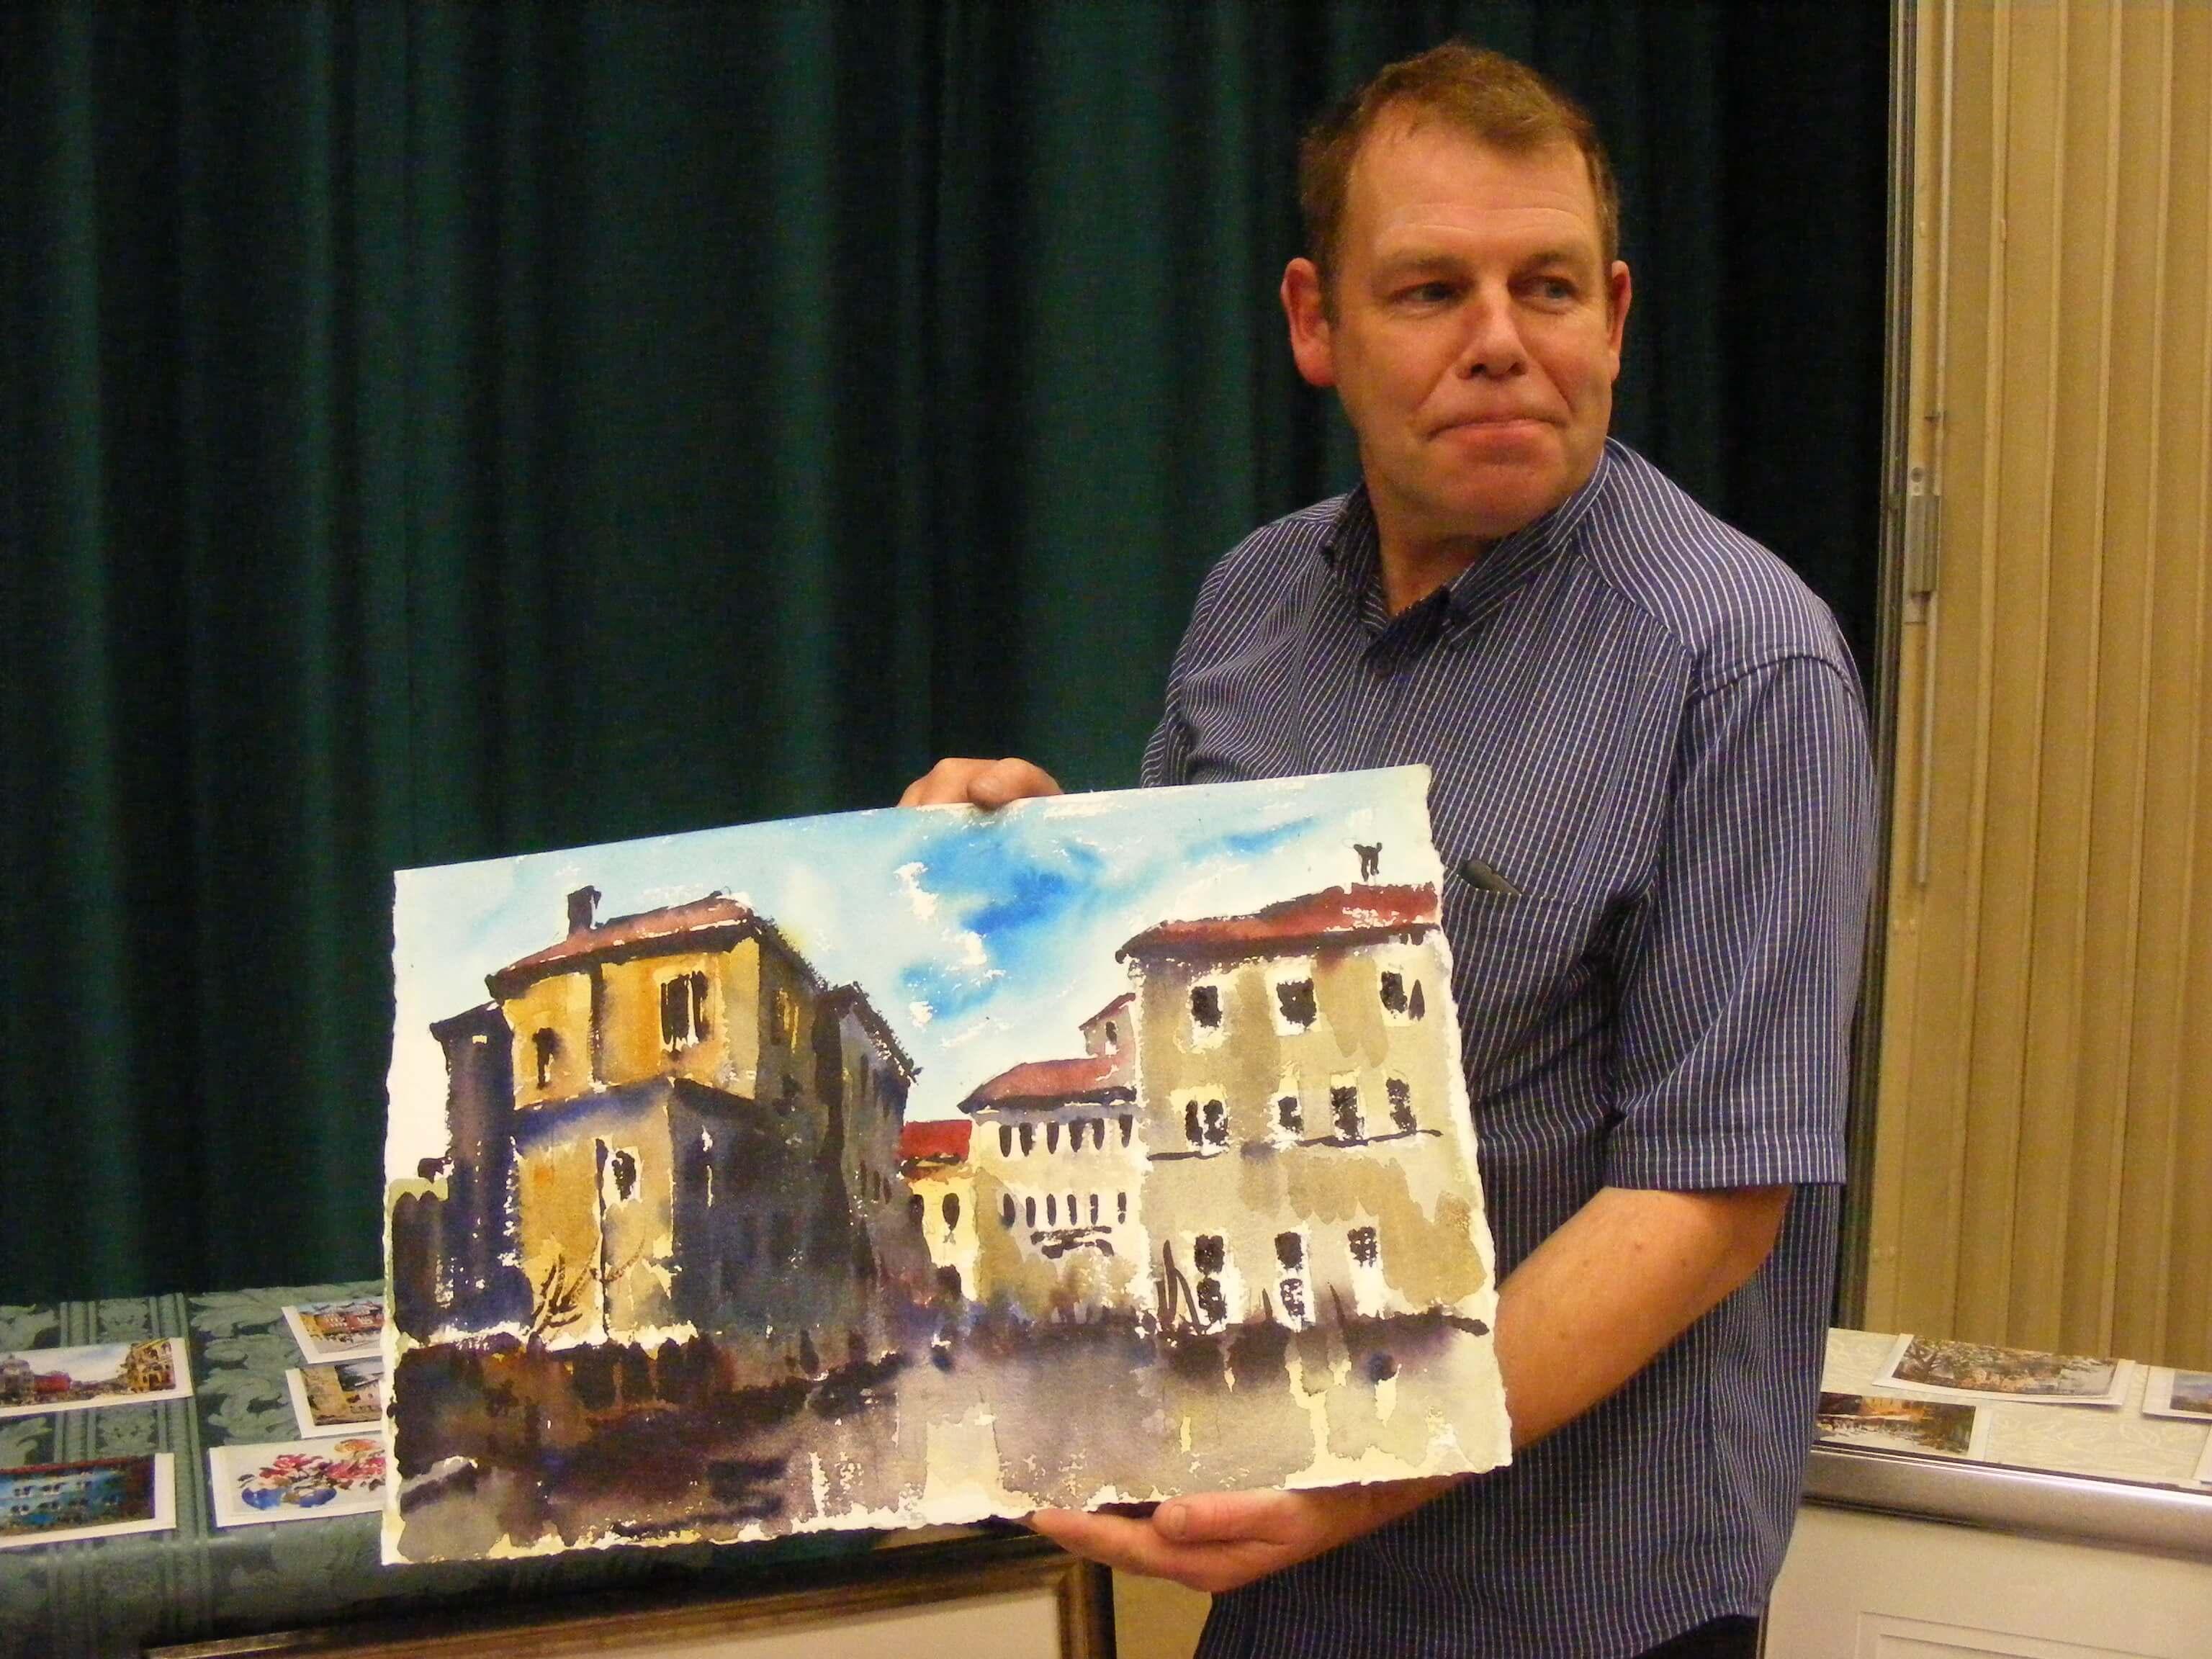 John Pooler and his watercolour